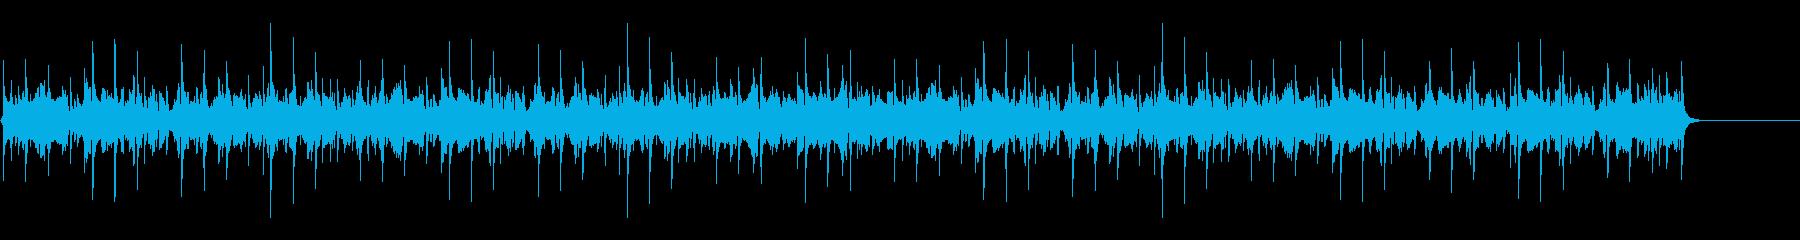 アイリッシュで陽気なアコーディオン曲の再生済みの波形